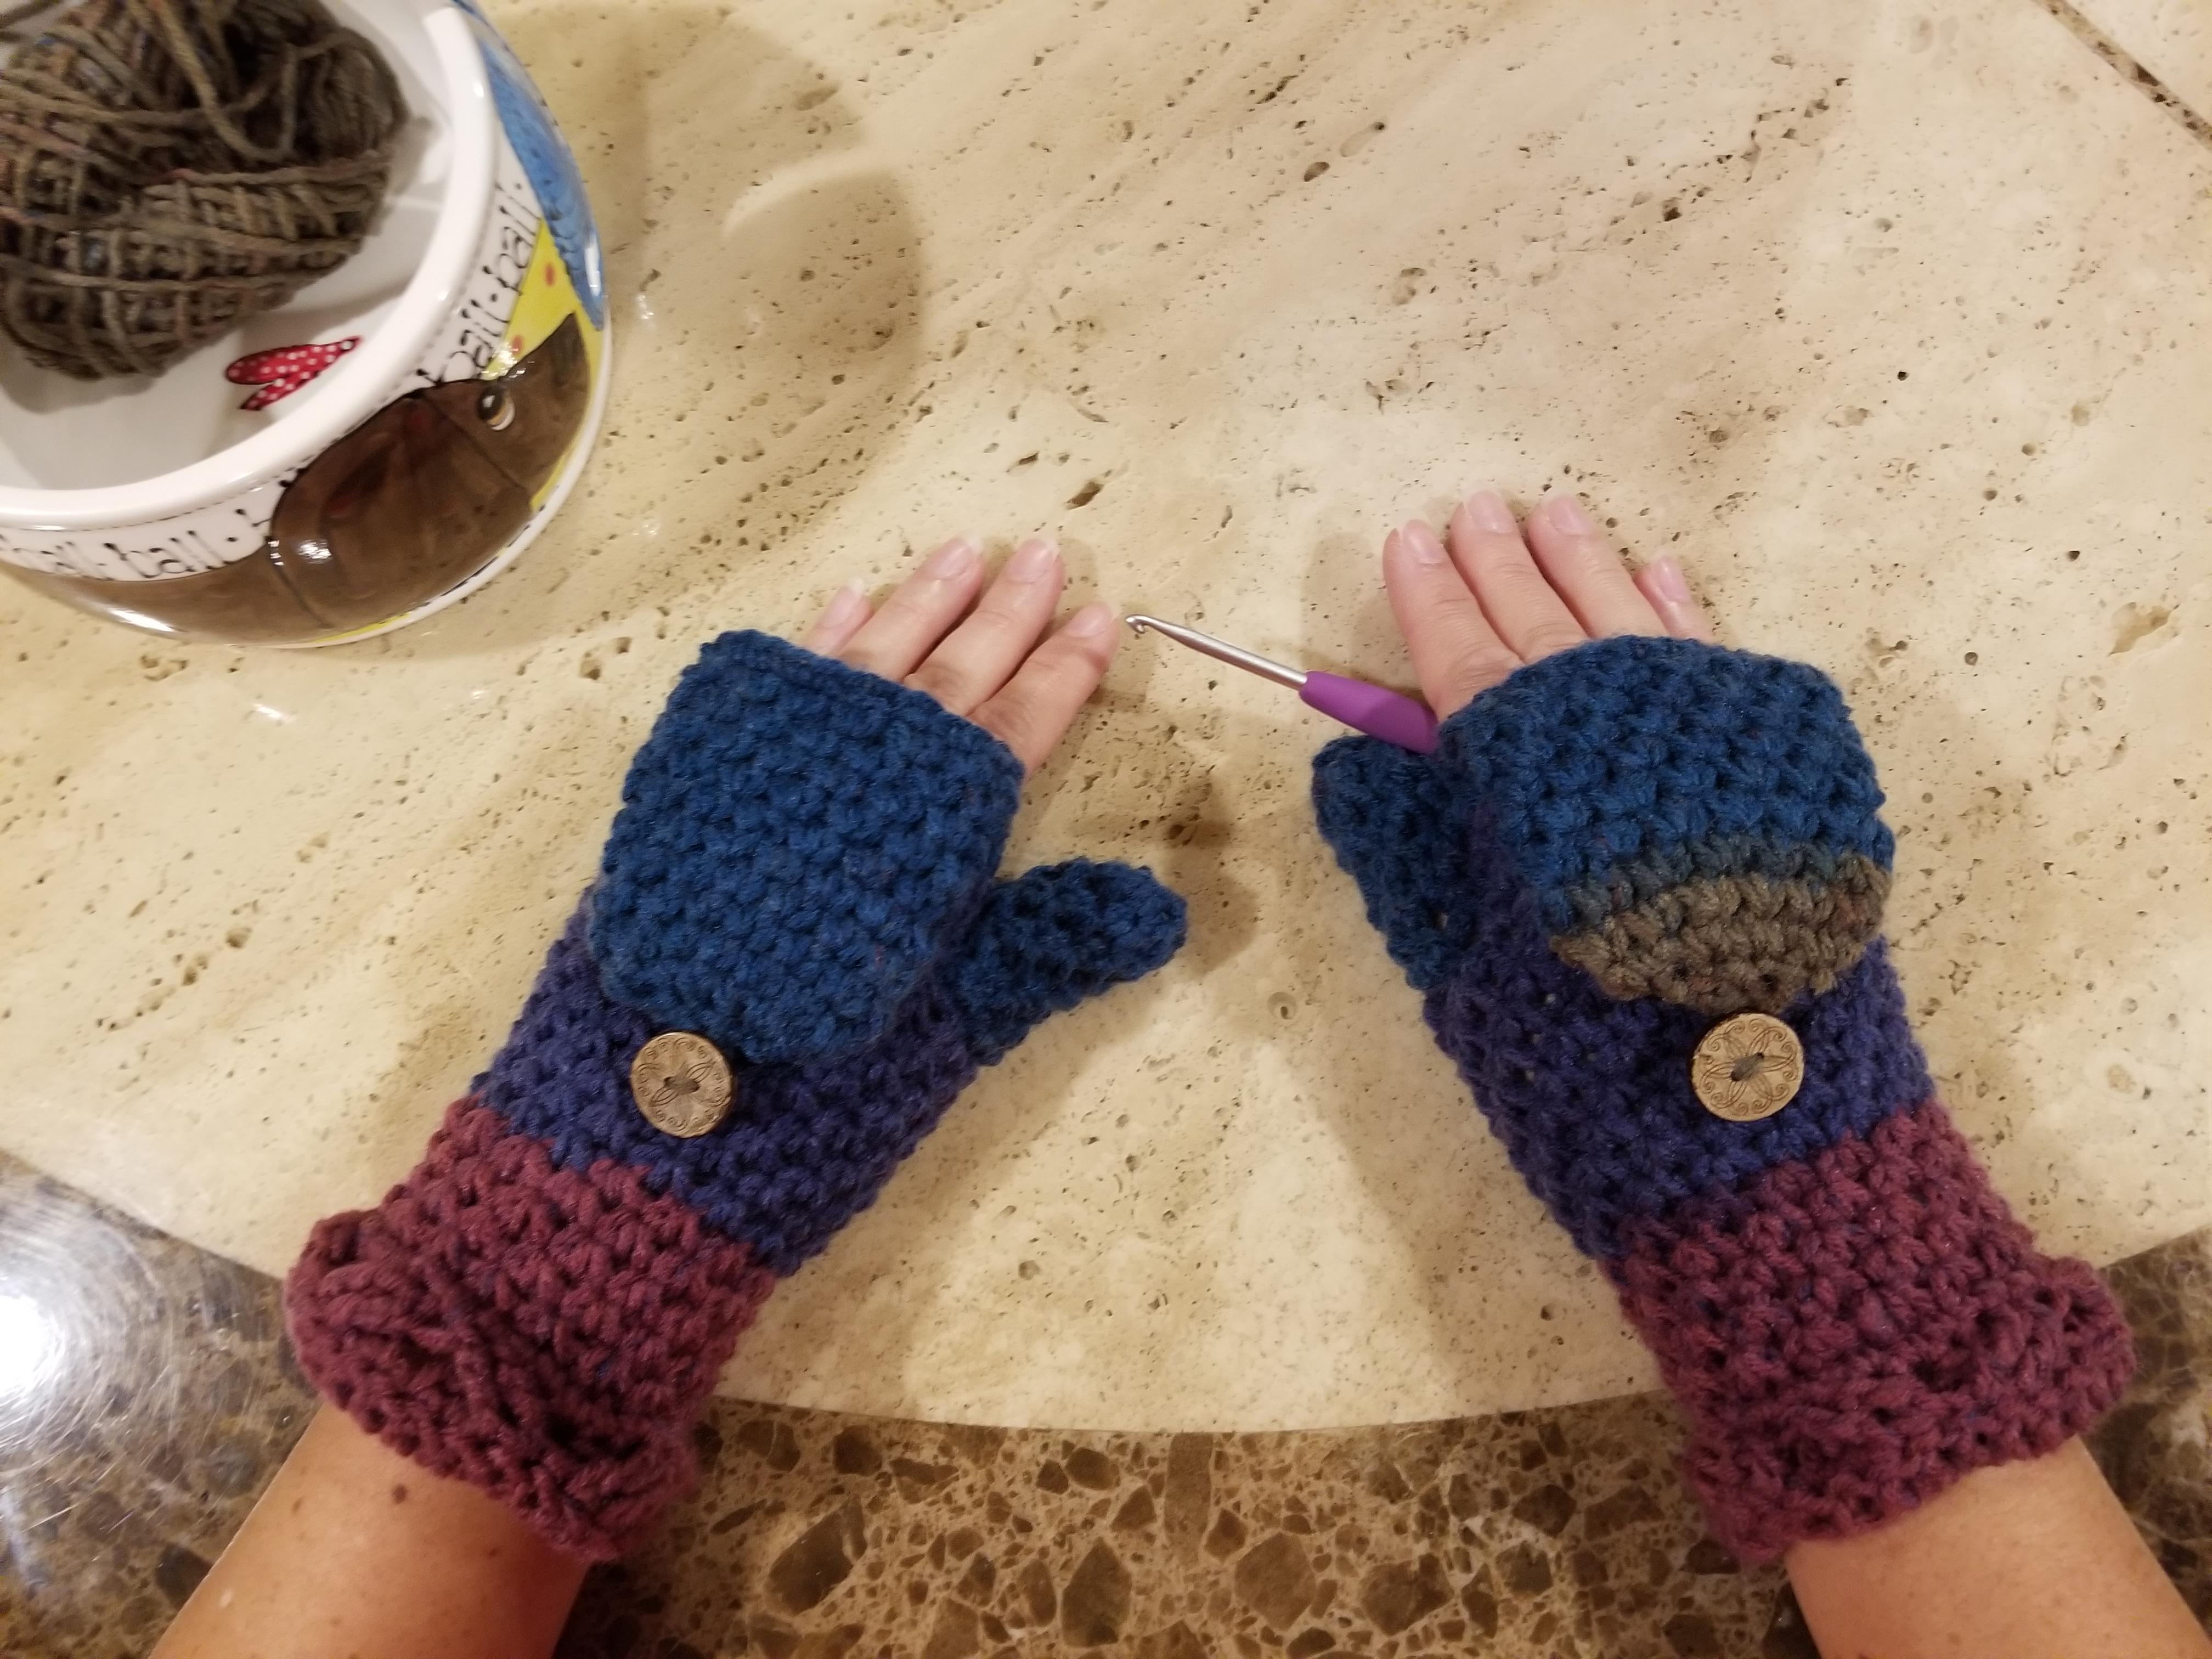 Free Crochet Written Patterns Helenmay Crochet You Tube